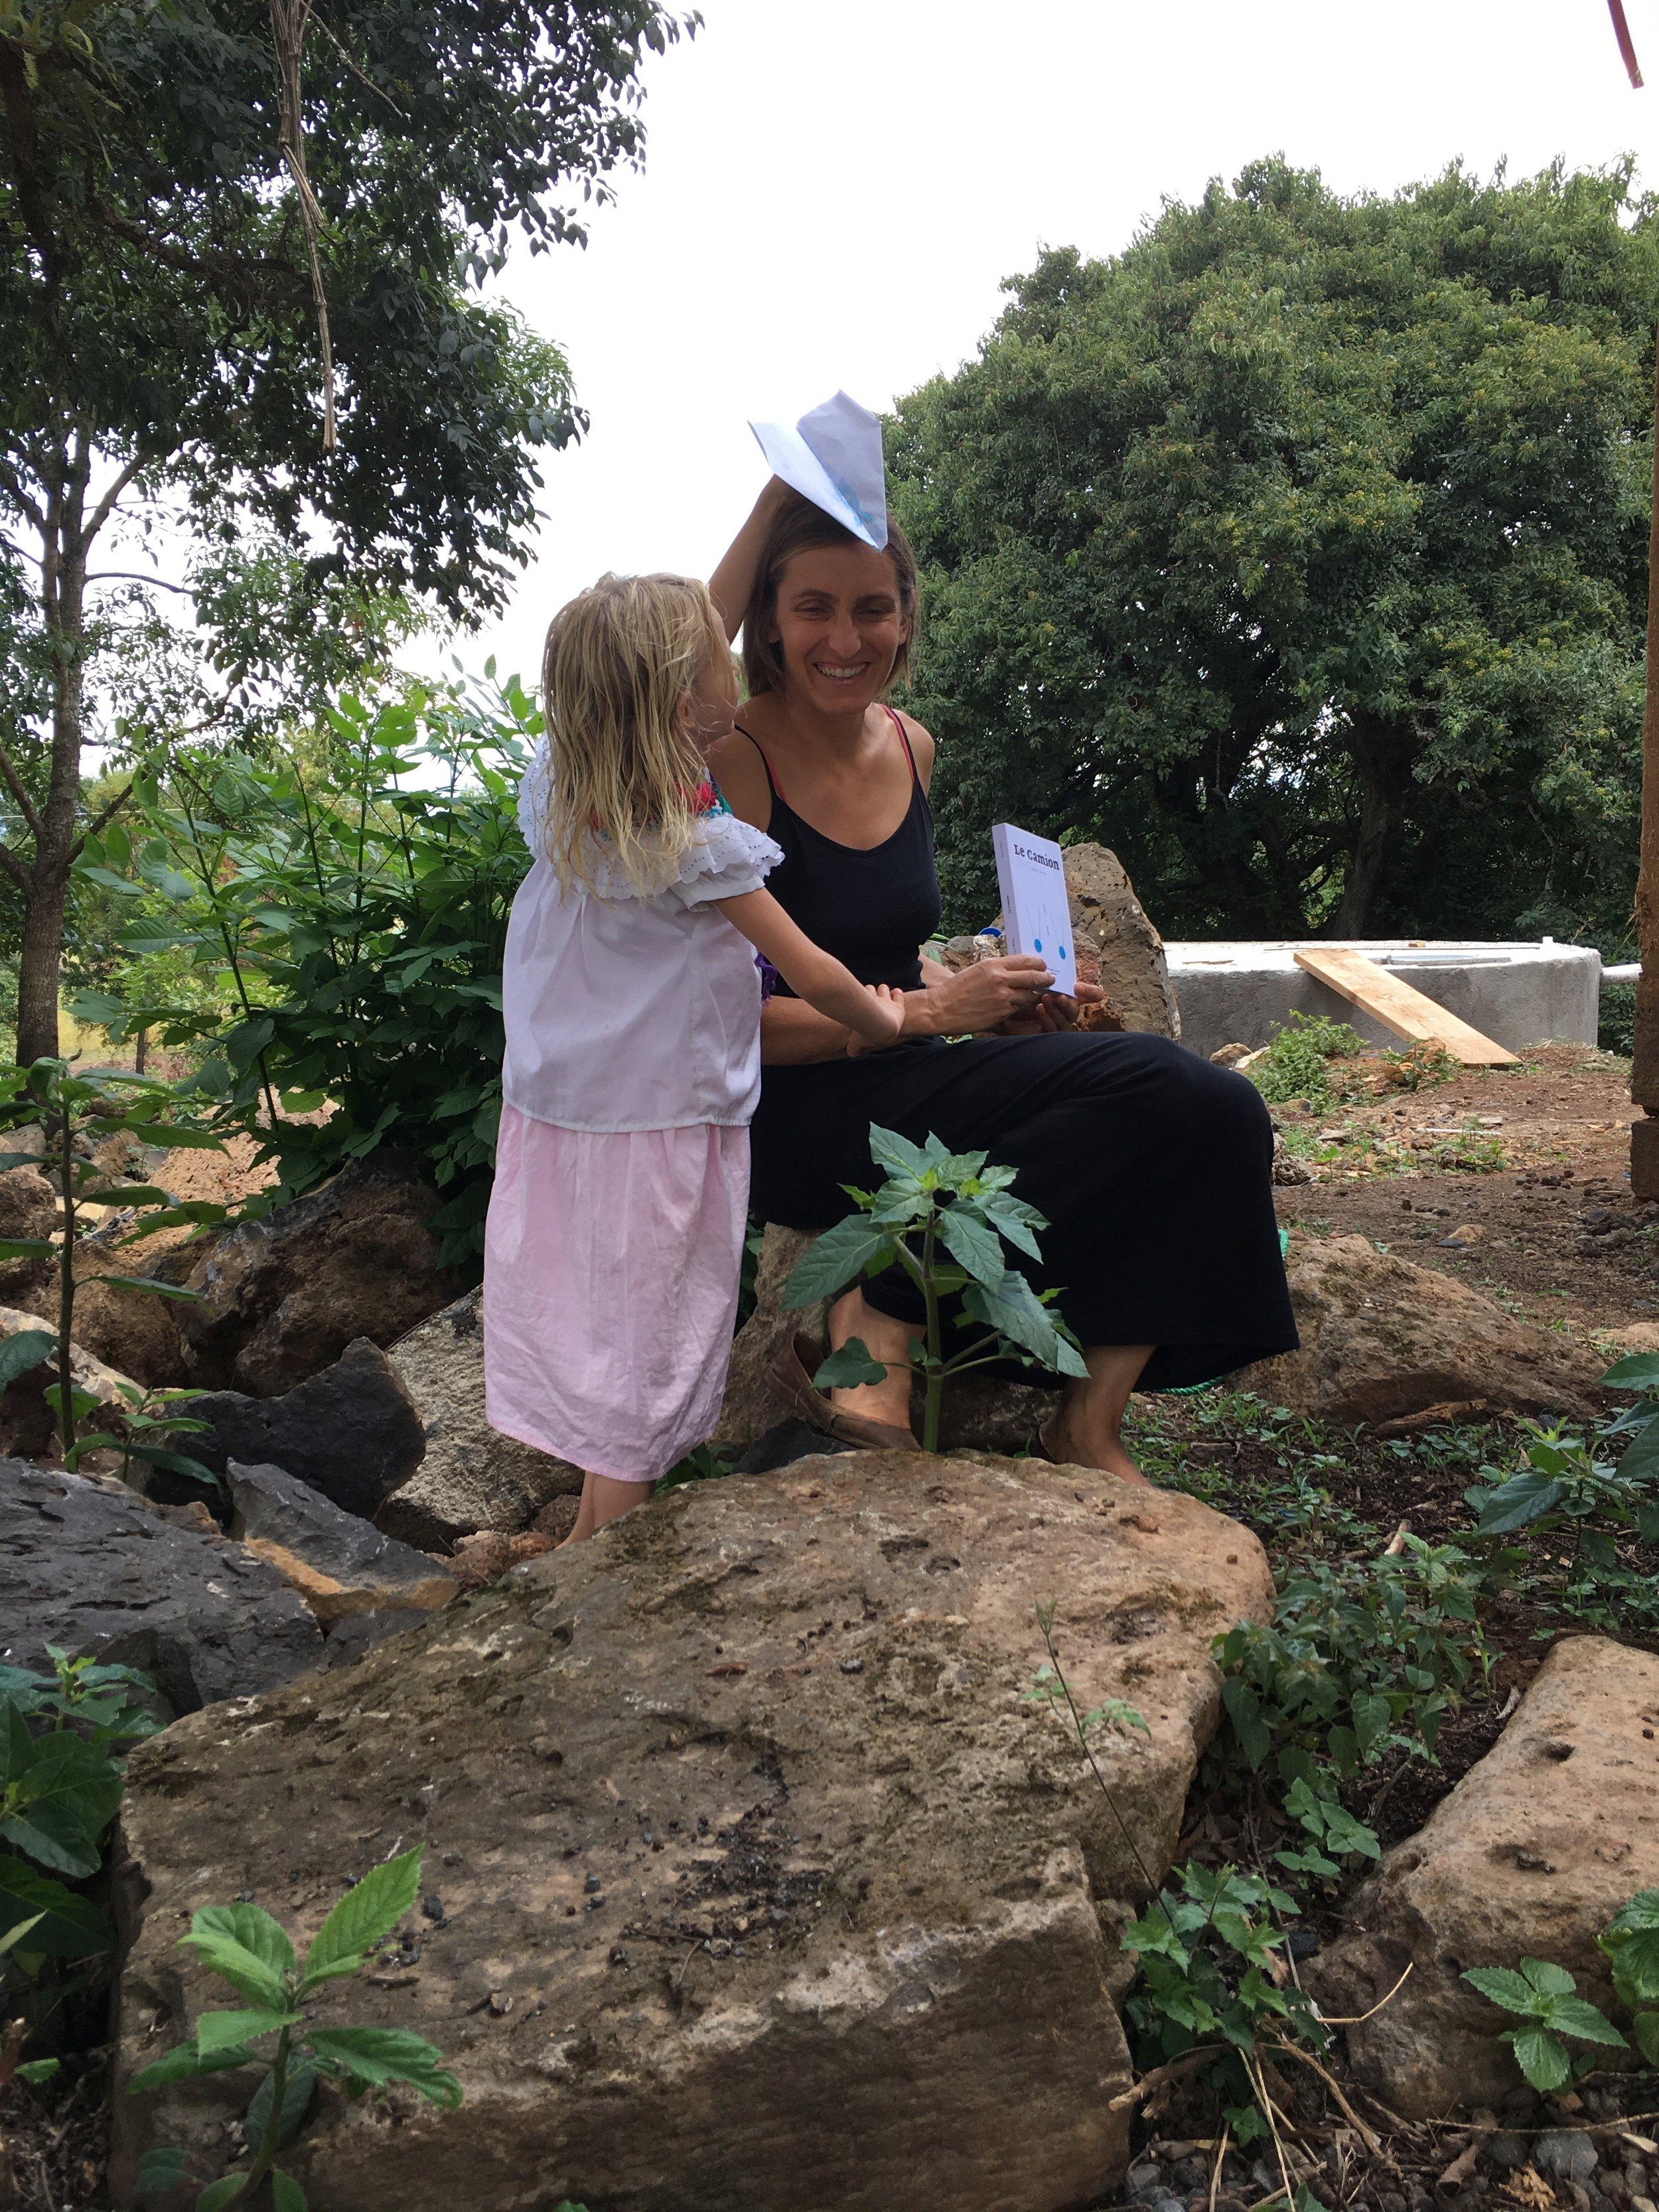 Neige, son livre, sa fille et le petit avion en papier que je lui ai fabriqué, Pátzcuaro, Michoacán, en juin.(Notez le hasard de la chose : nous avons pris cette photo dans le jardin de Neige, dans la langue de la région, le purépecha,Pátzcuaro signifie «lieu des pierres ».)